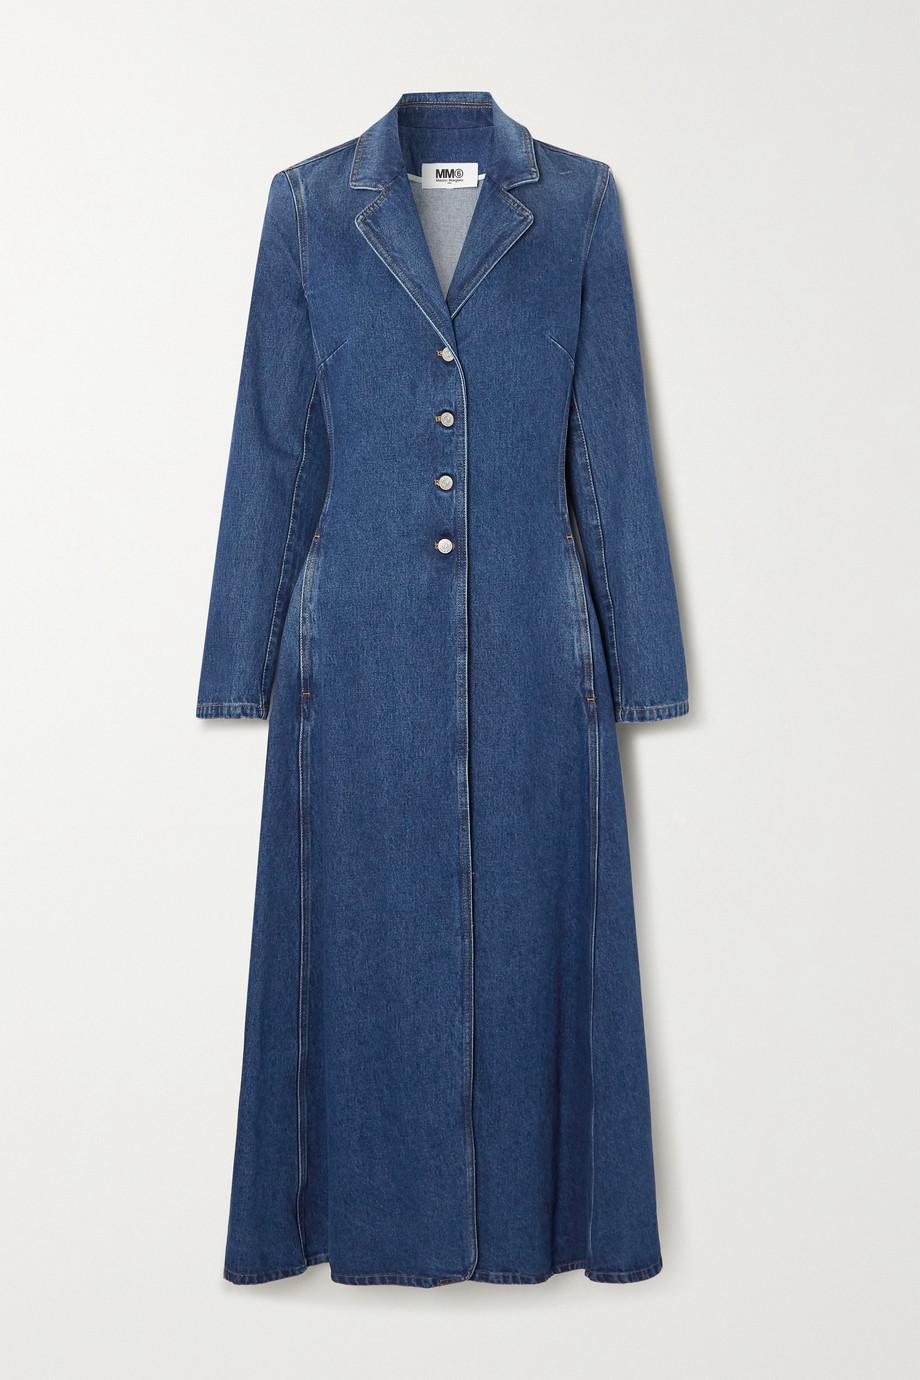 MM6 Maison Margiela Denim coat